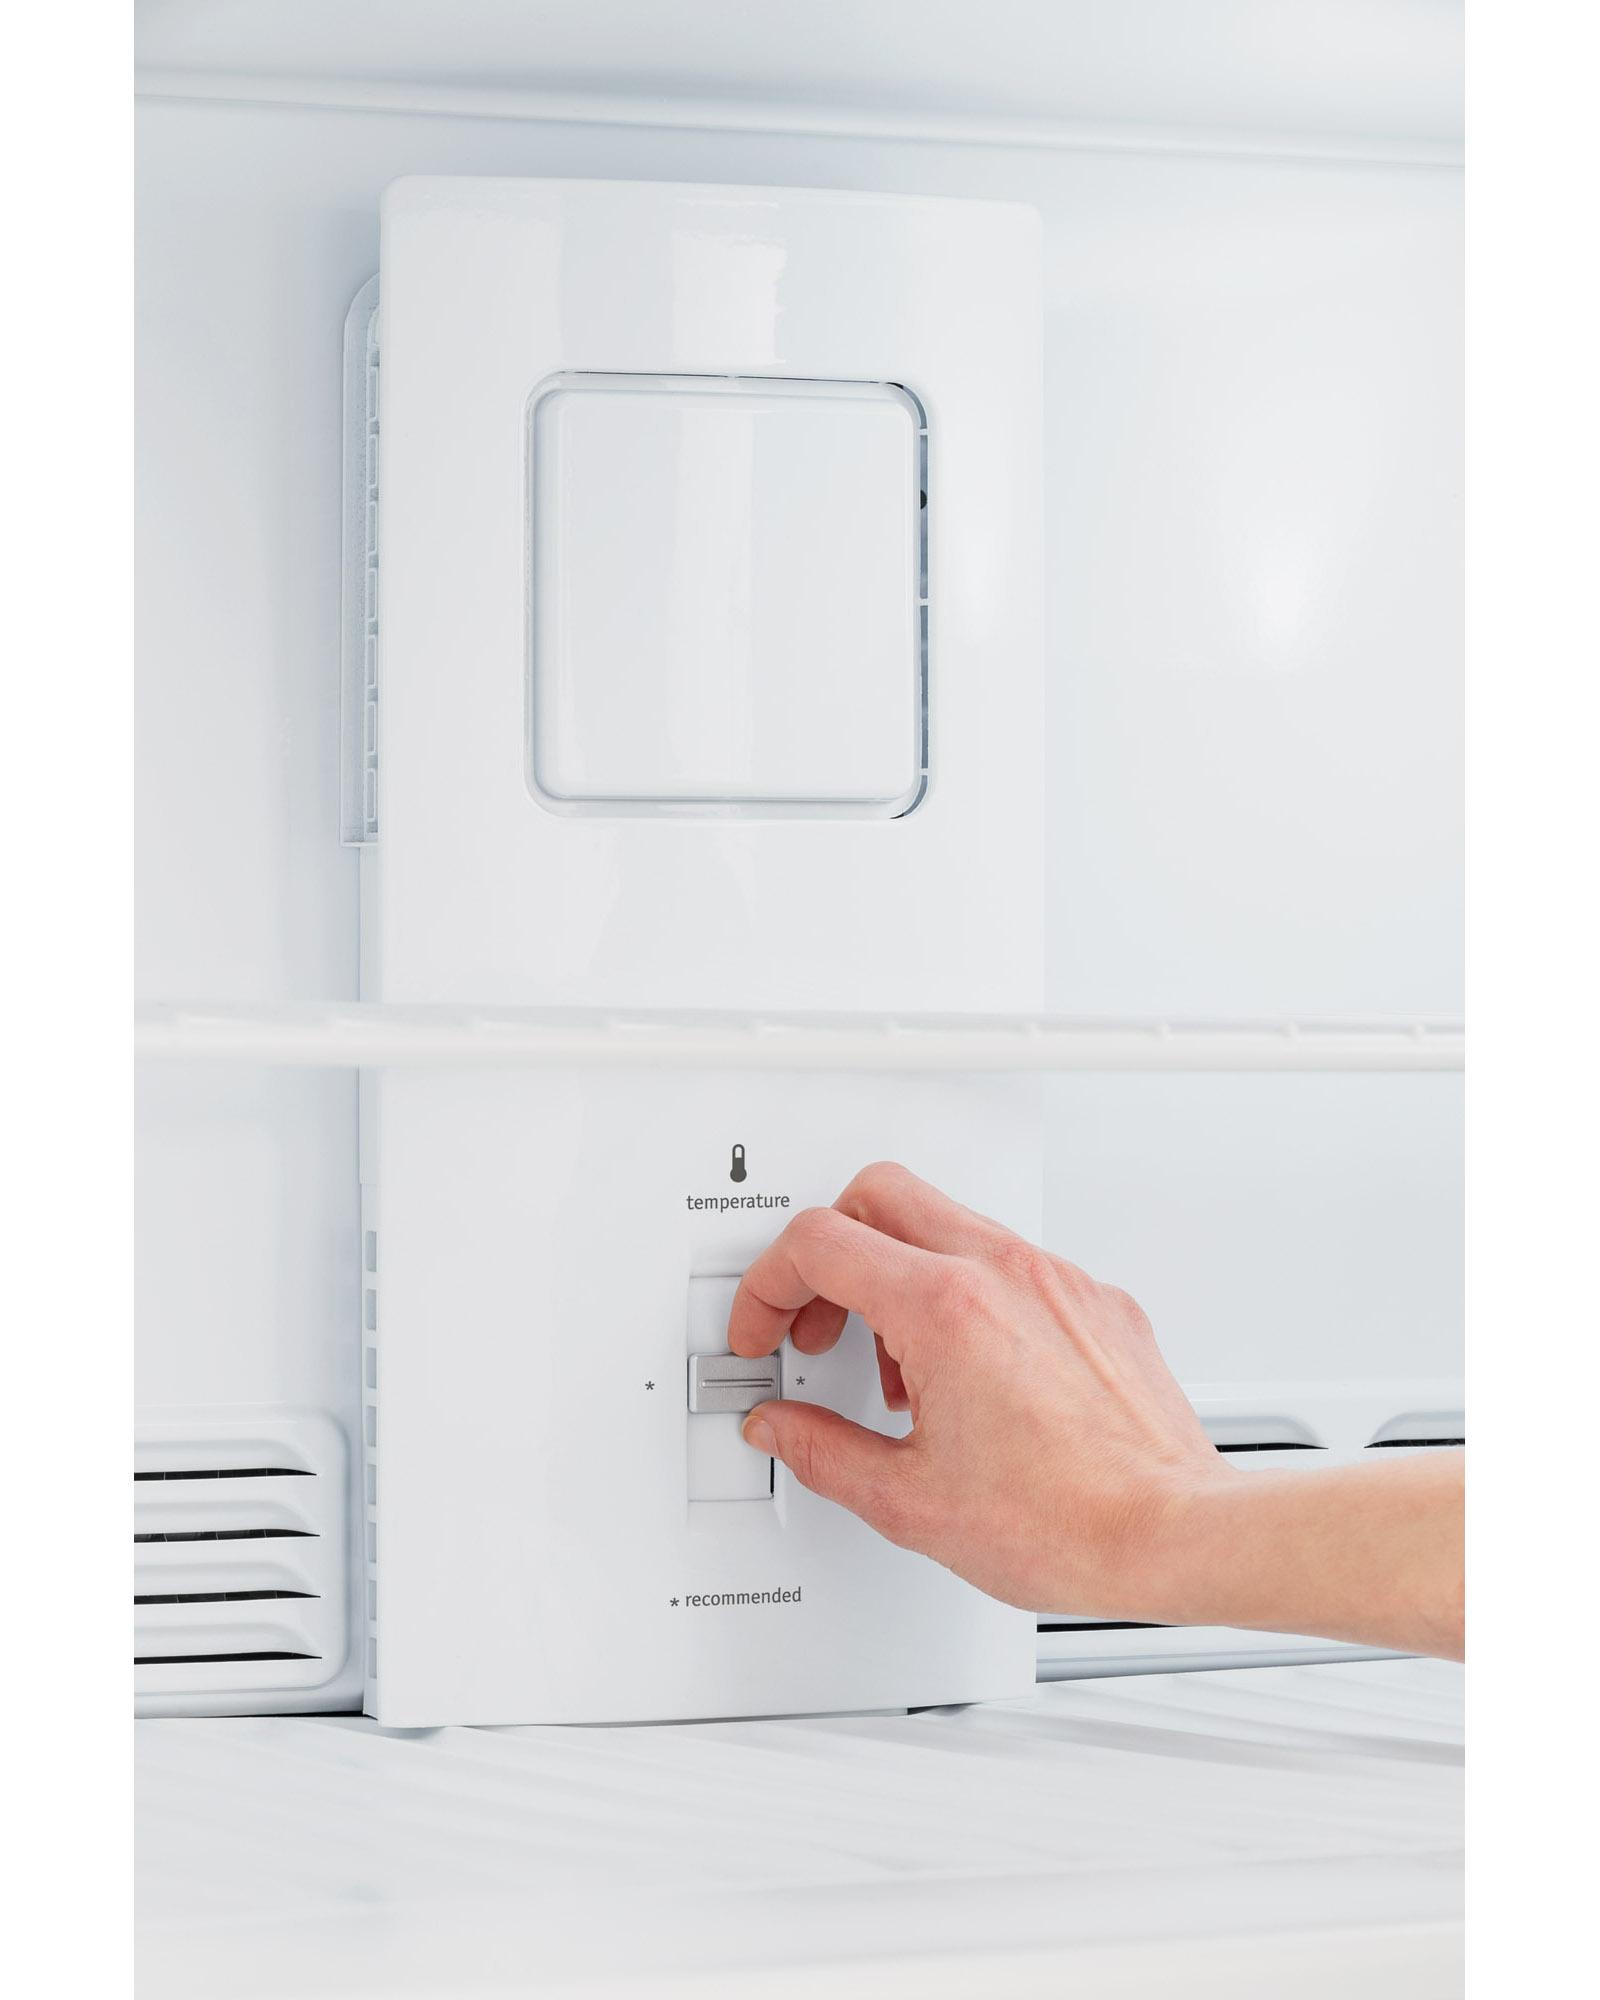 Frigidaire FFHT1521QW 14.5 cu. ft. Top Freezer Refrigerator - White